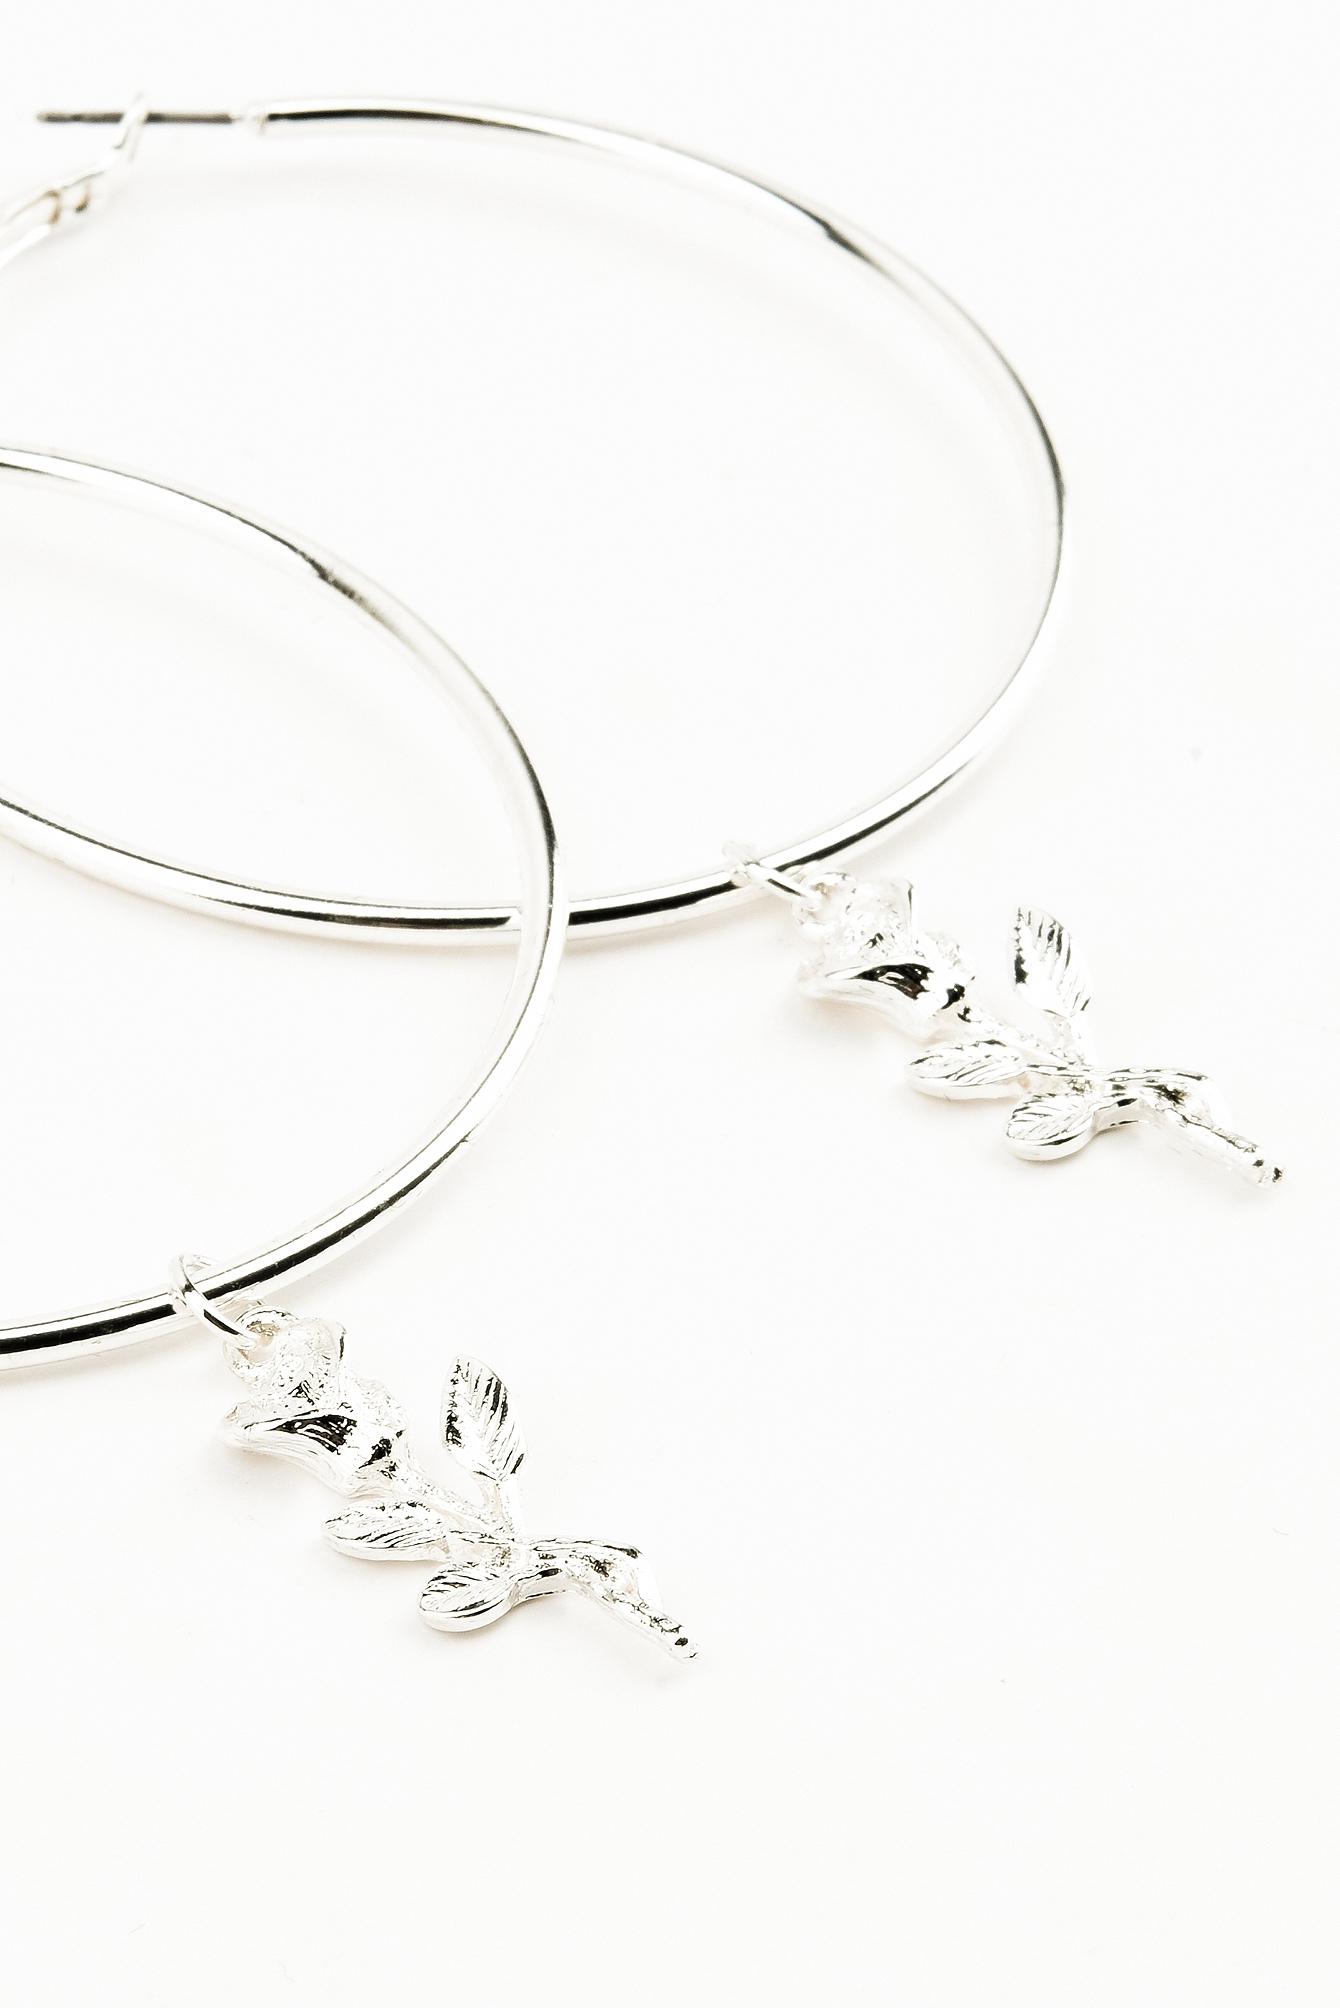 Tranloev Rose Loop Earrings Silver